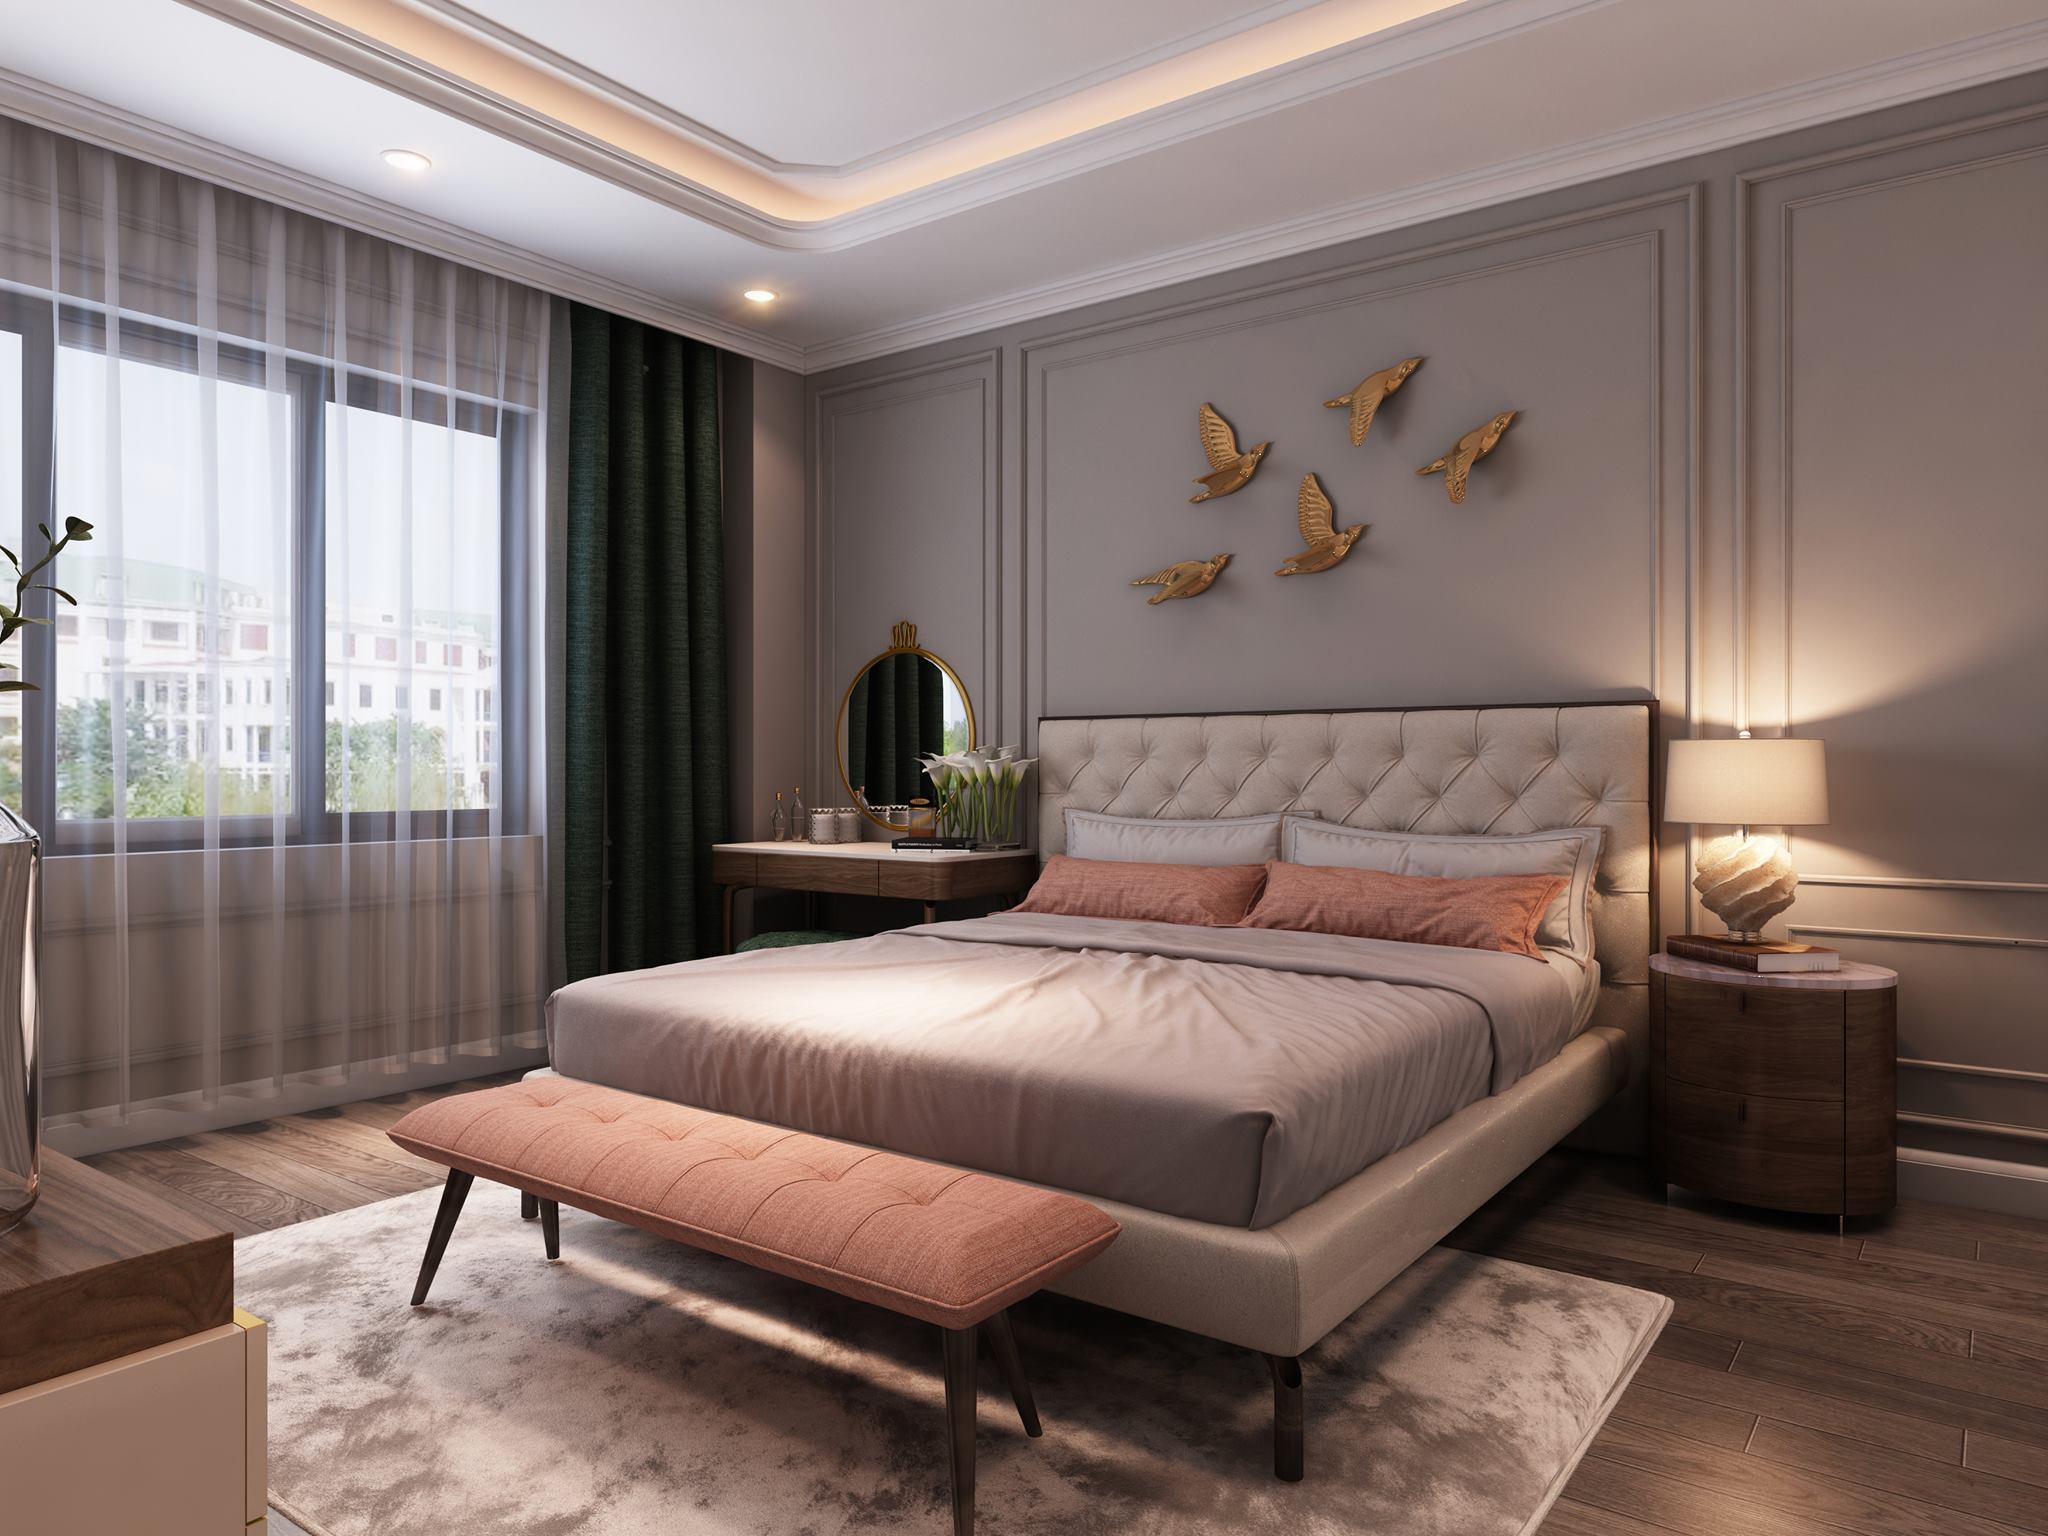 thiết kế phòng ngủ đơn giản 12